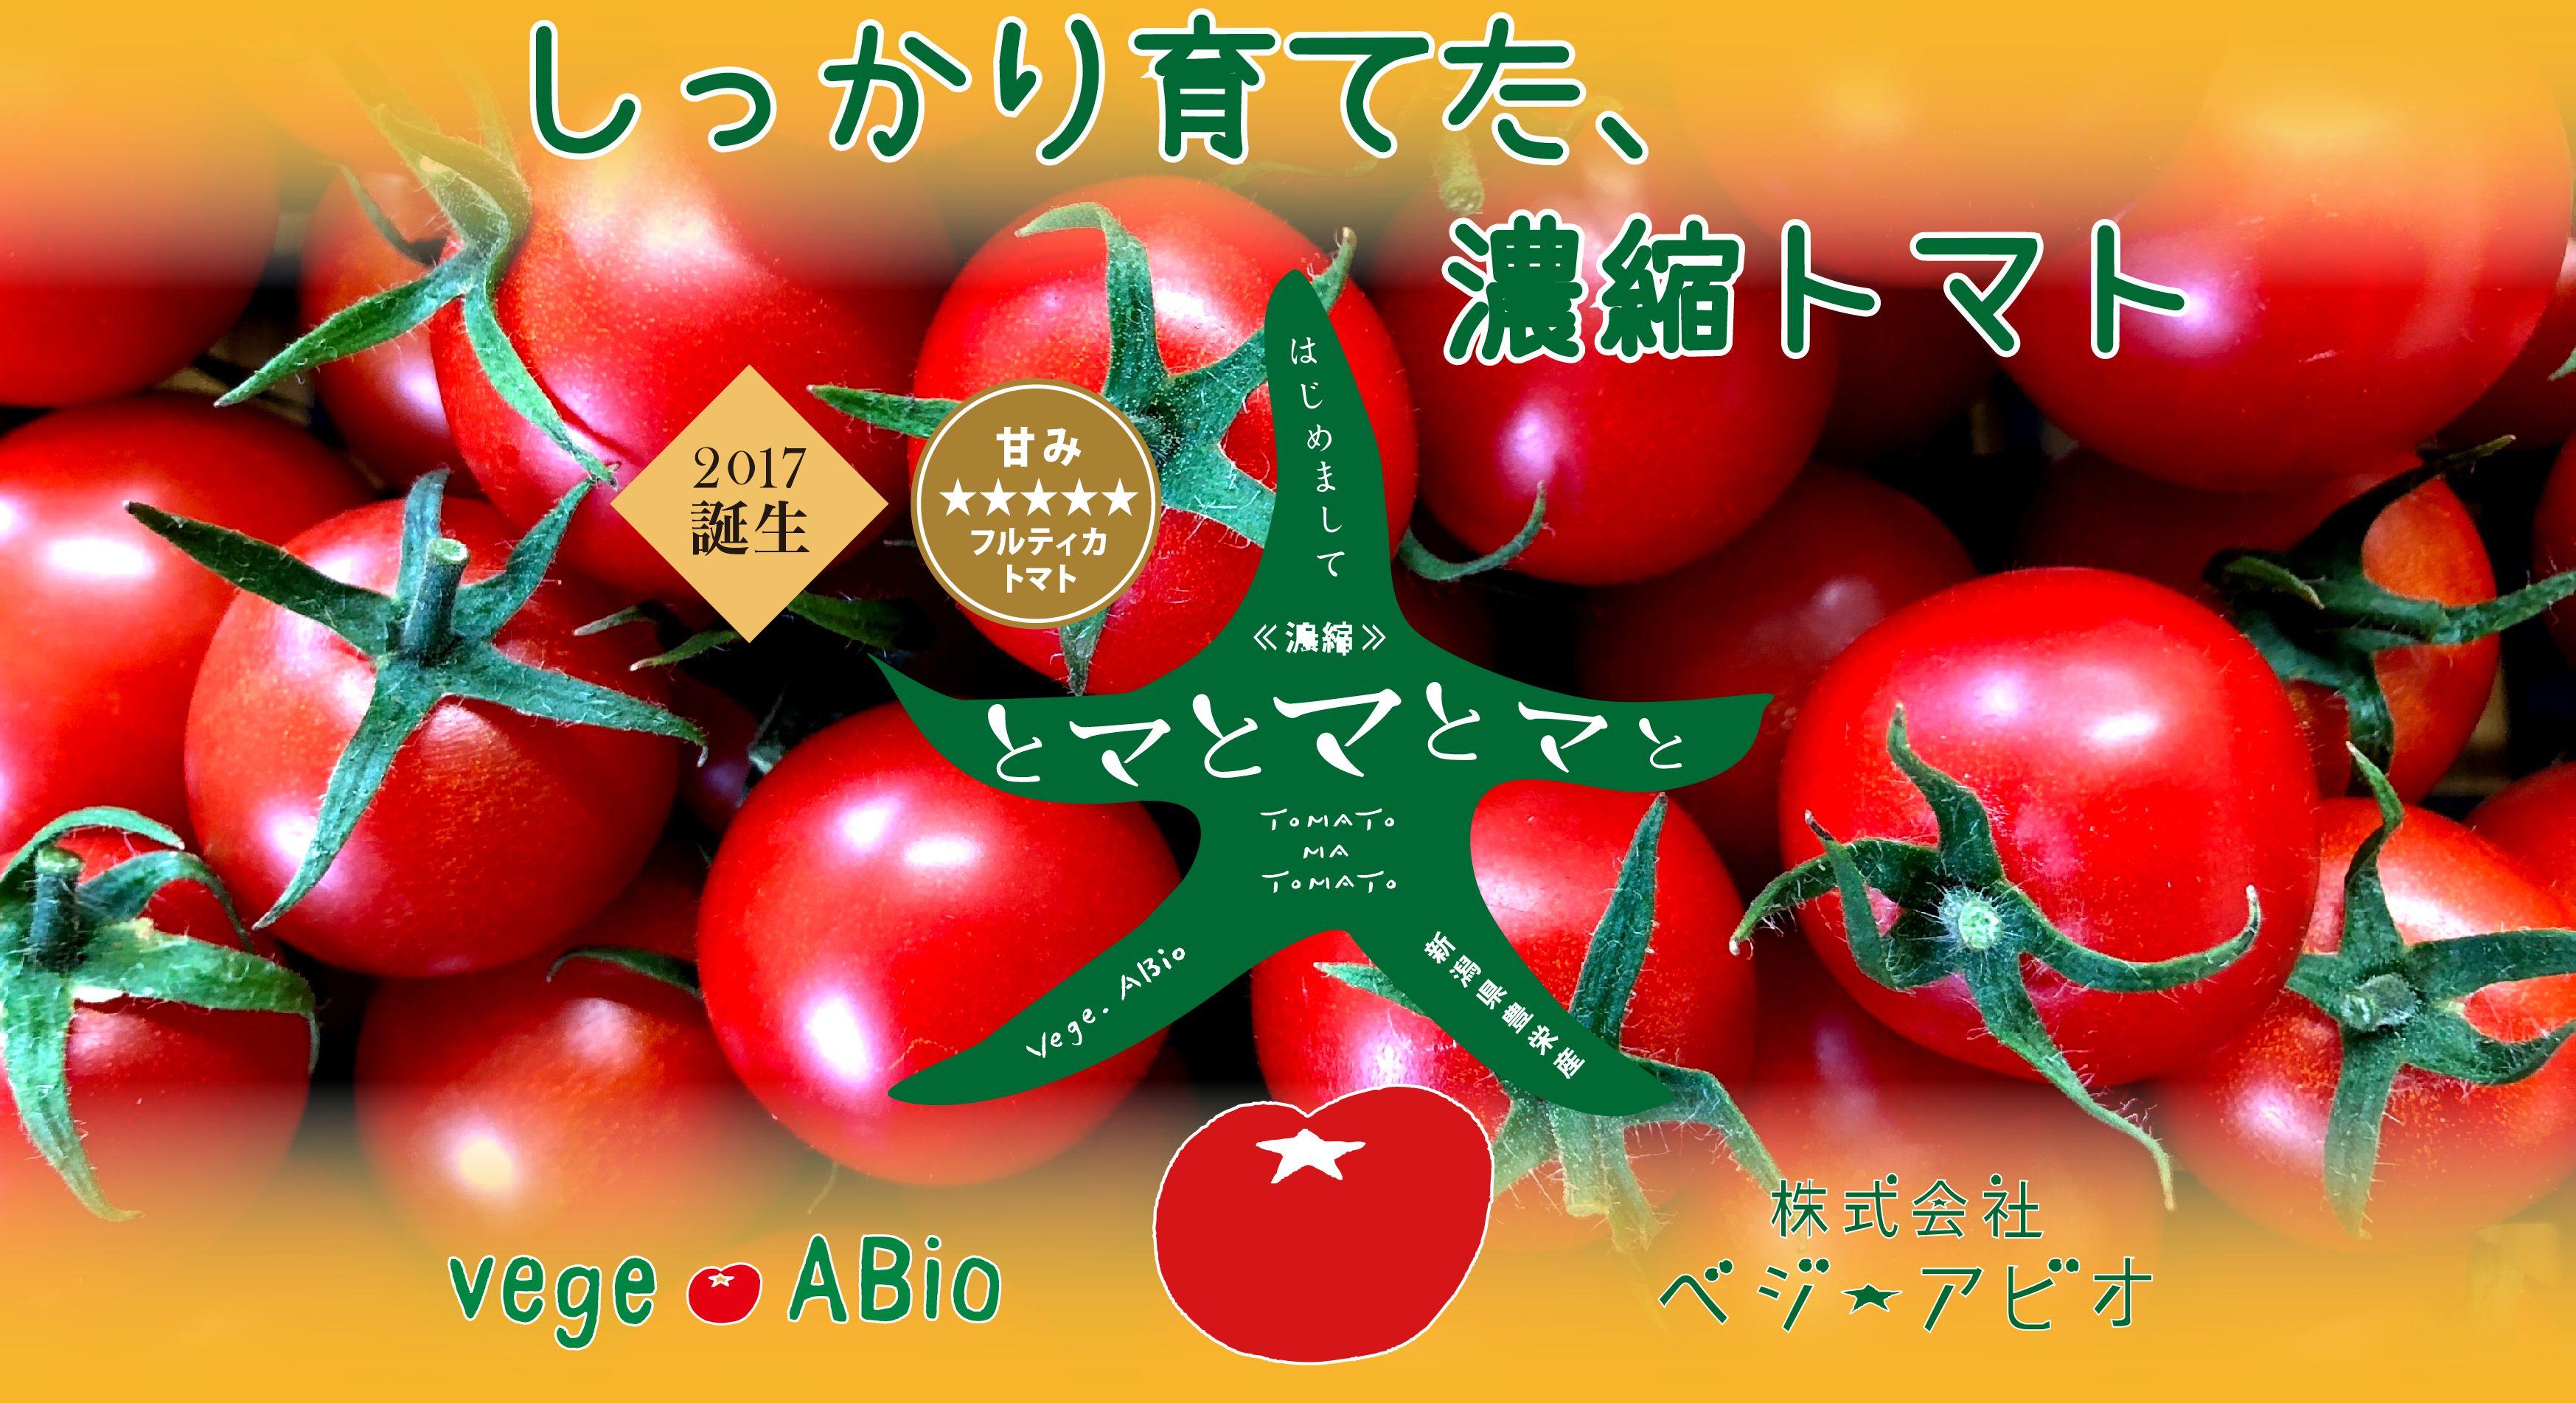 私たちは新潟市北区でフルーツトマトの生産を行う農地所有適格法人です。